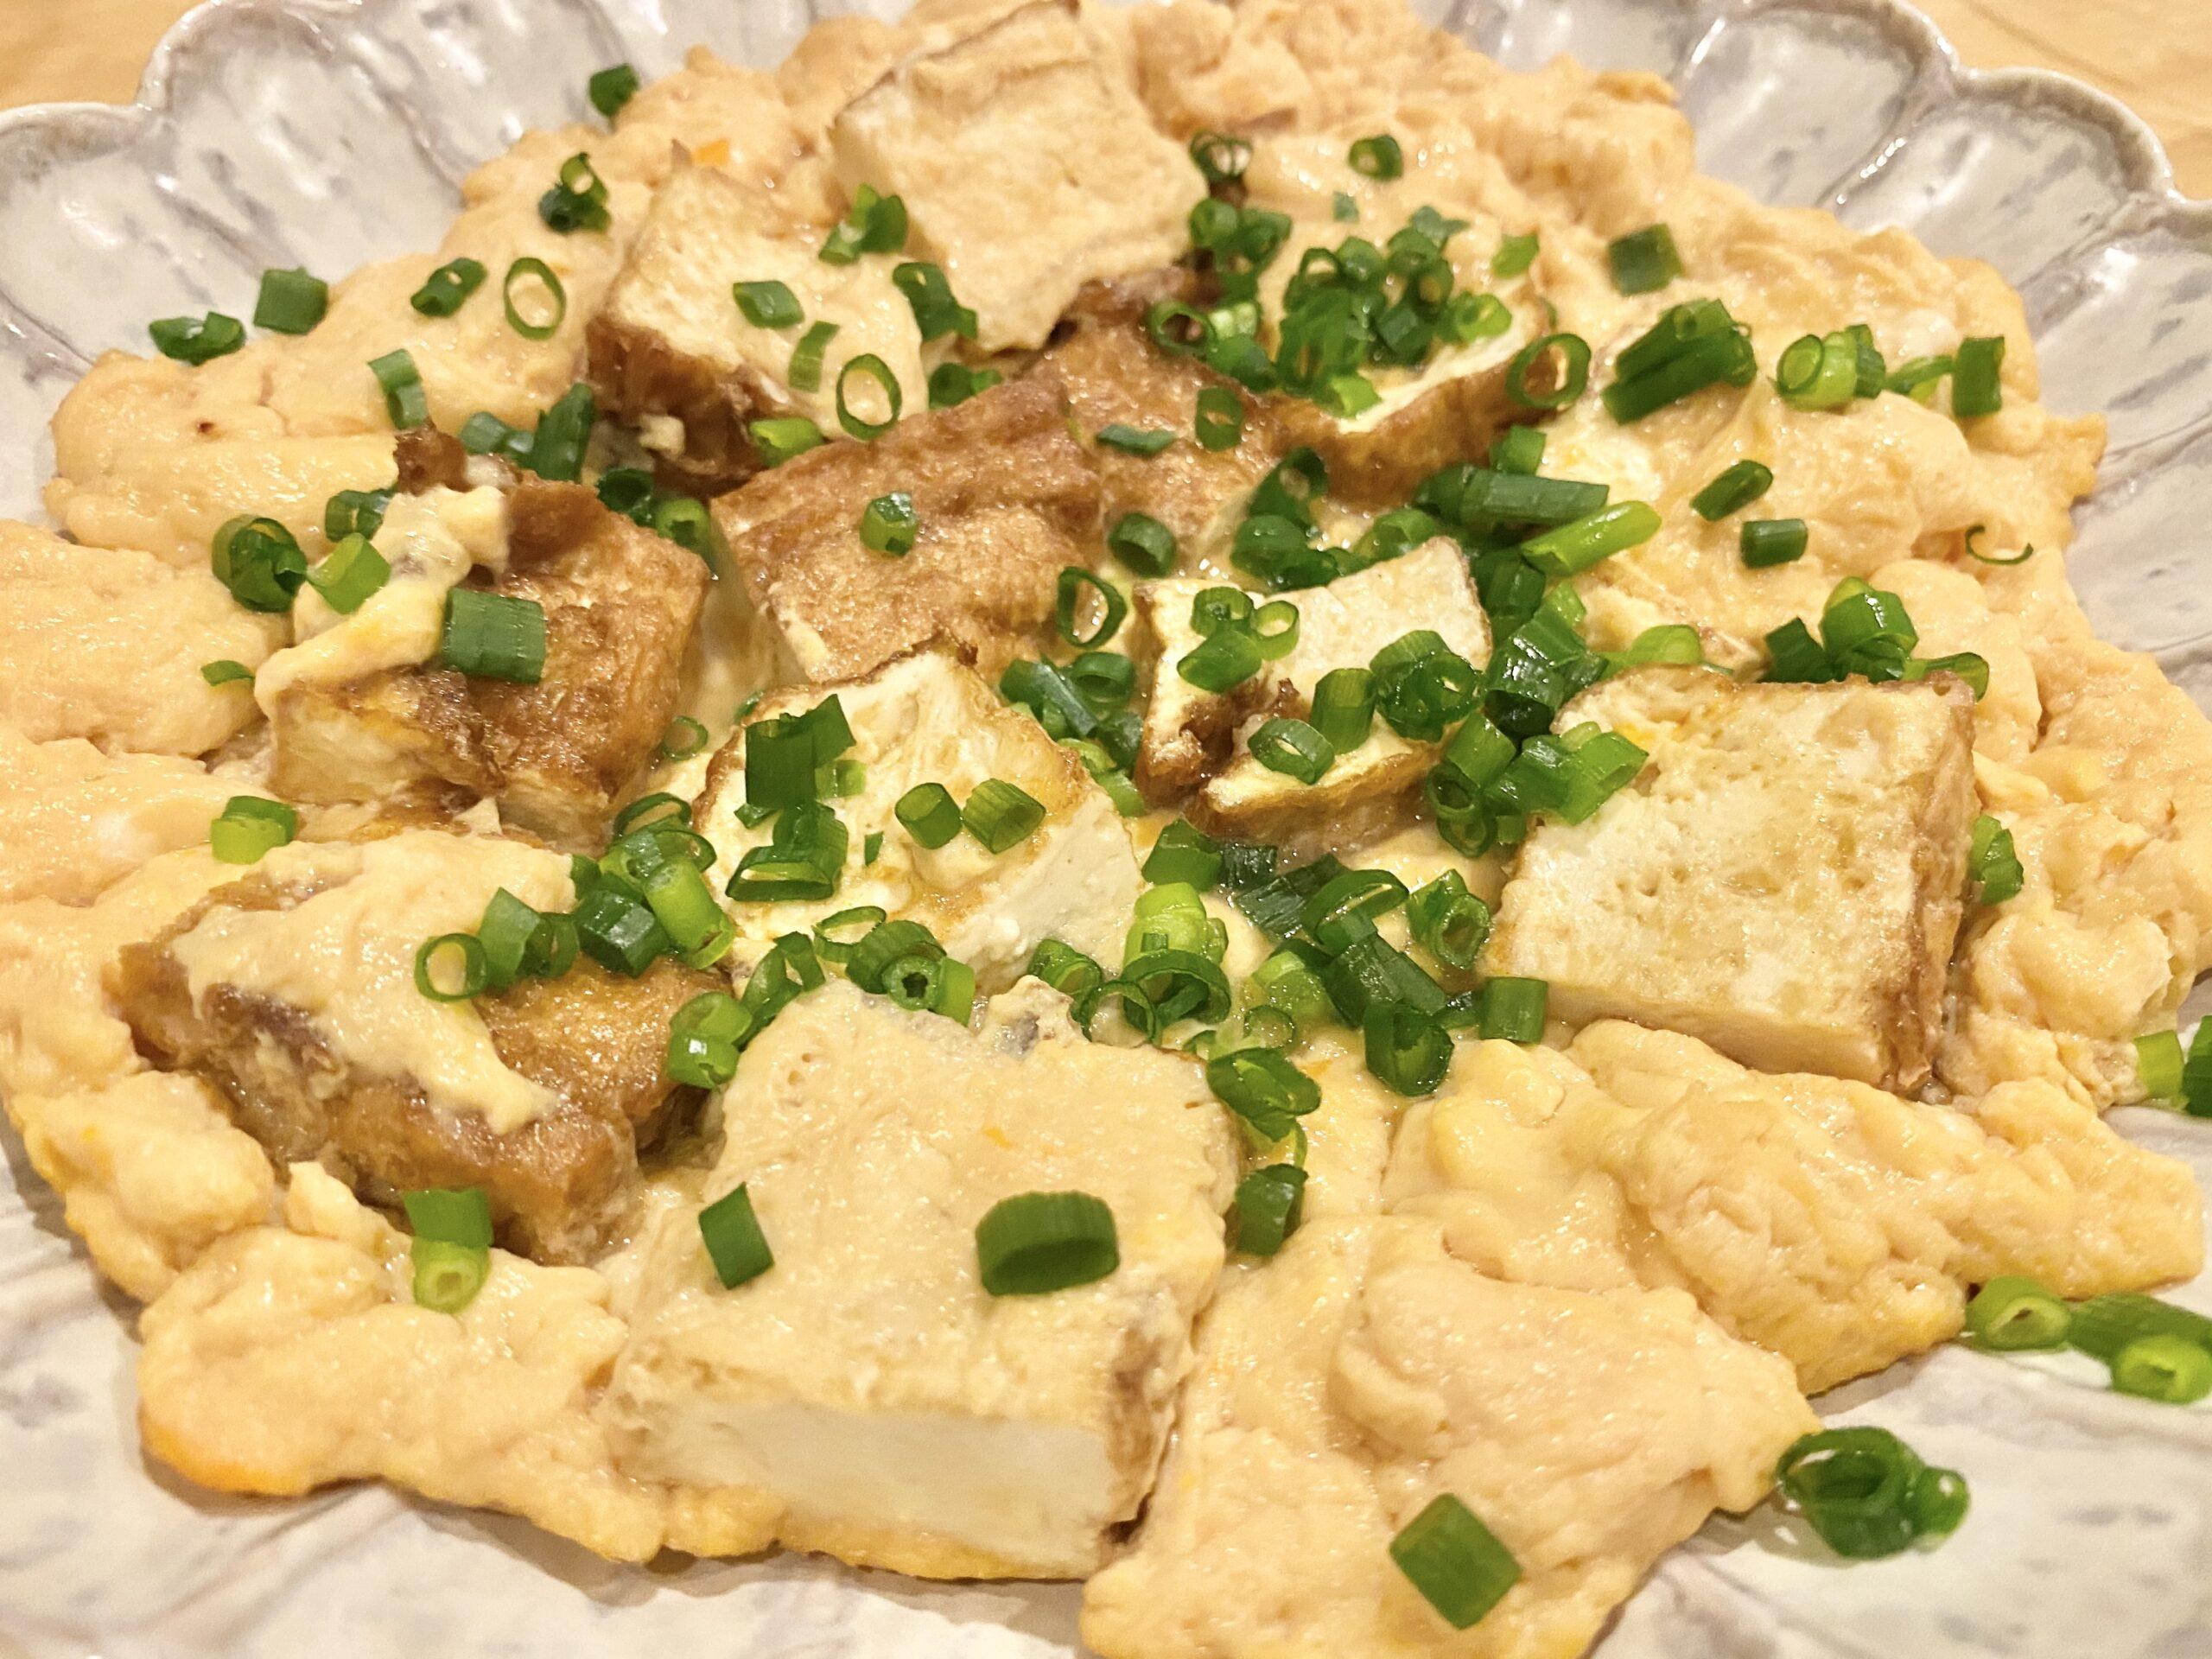 簡単10分調理!「厚揚げ豆腐のふわふわ卵煮」のレシピ